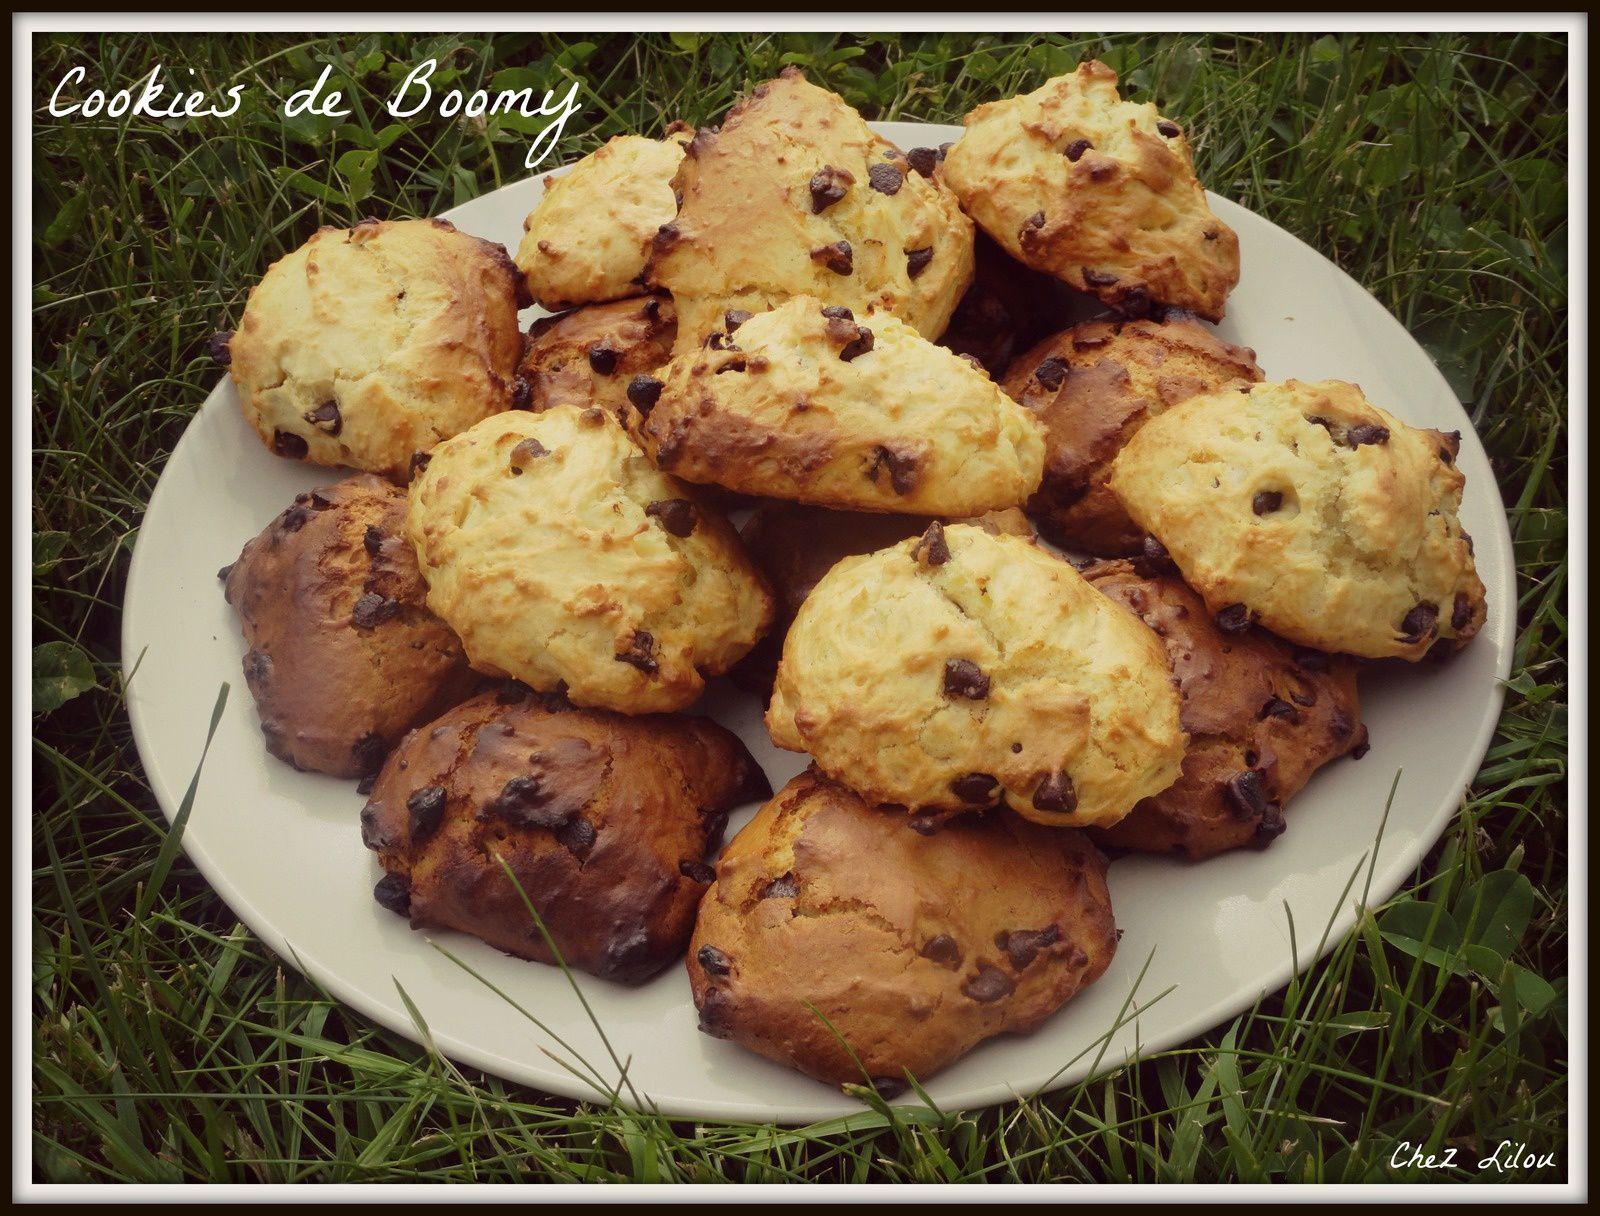 Cookies de Boomy